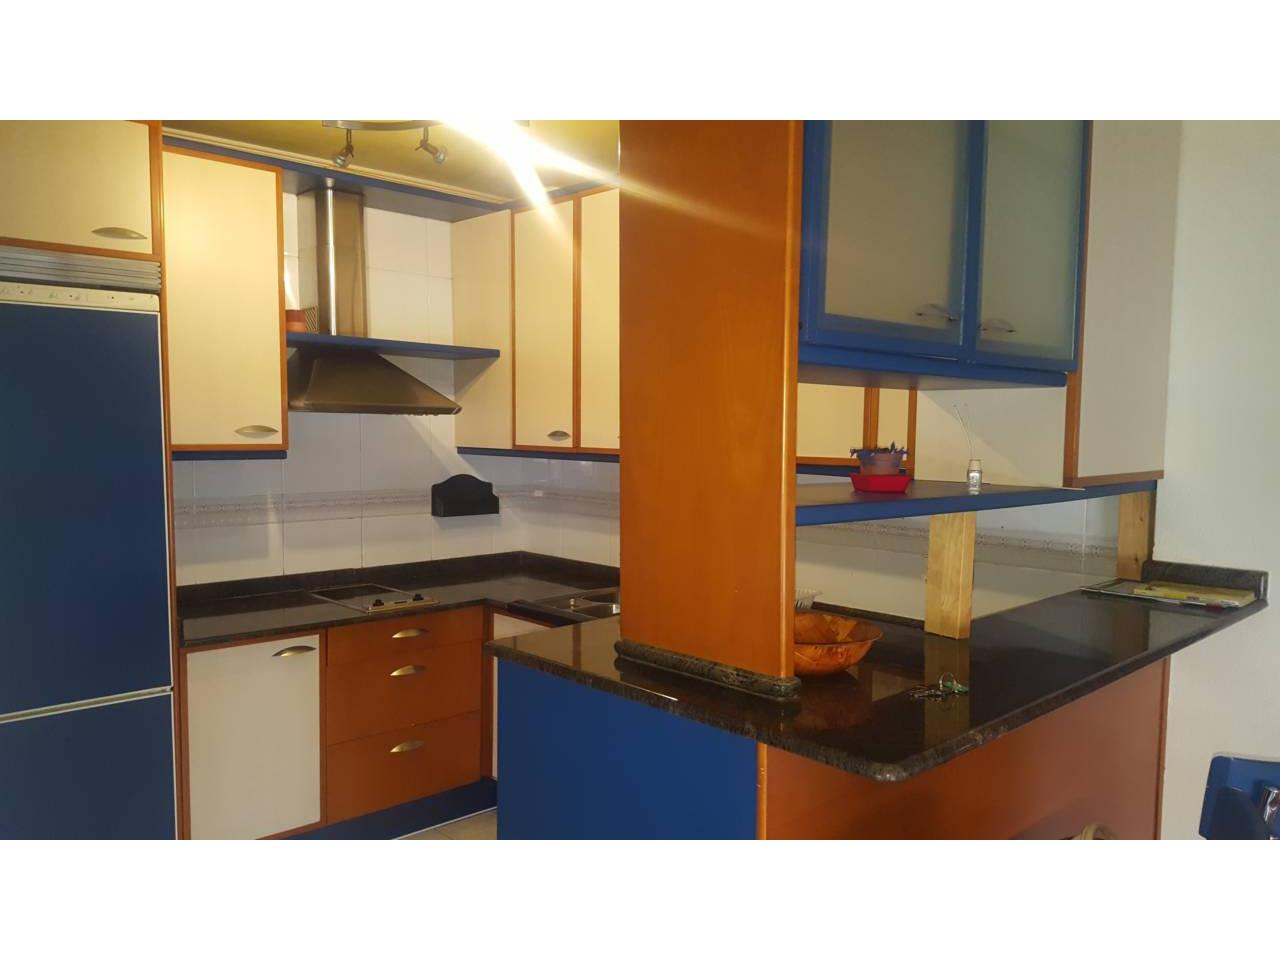 Inmobiliaria larrea piso en venta en amorebieta por 164 - Inmobiliarias en amorebieta ...